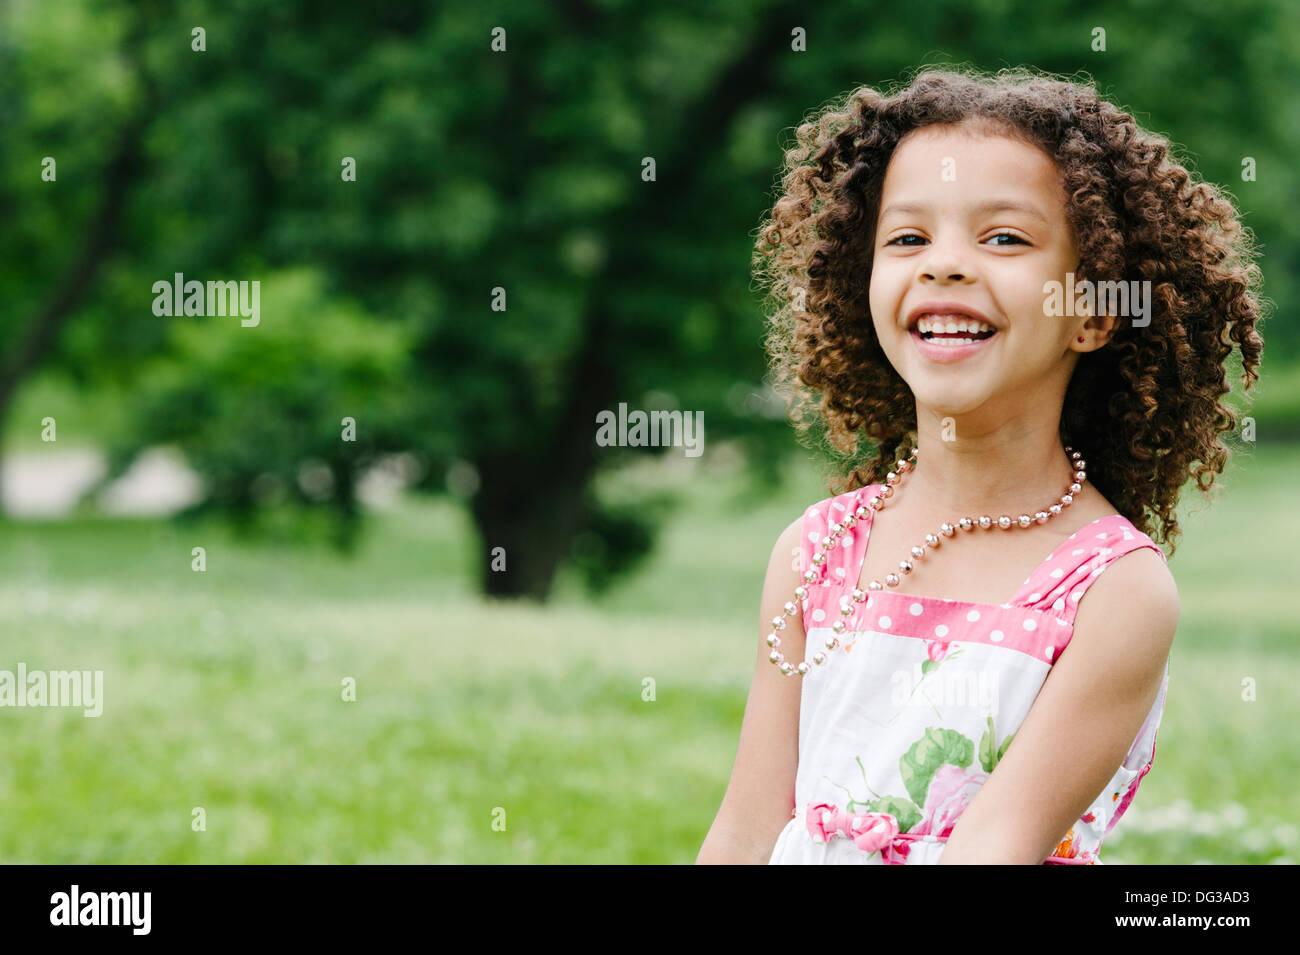 Lächelndes Mädchen mit lockigen braunen Haaren, Porträt Stockbild